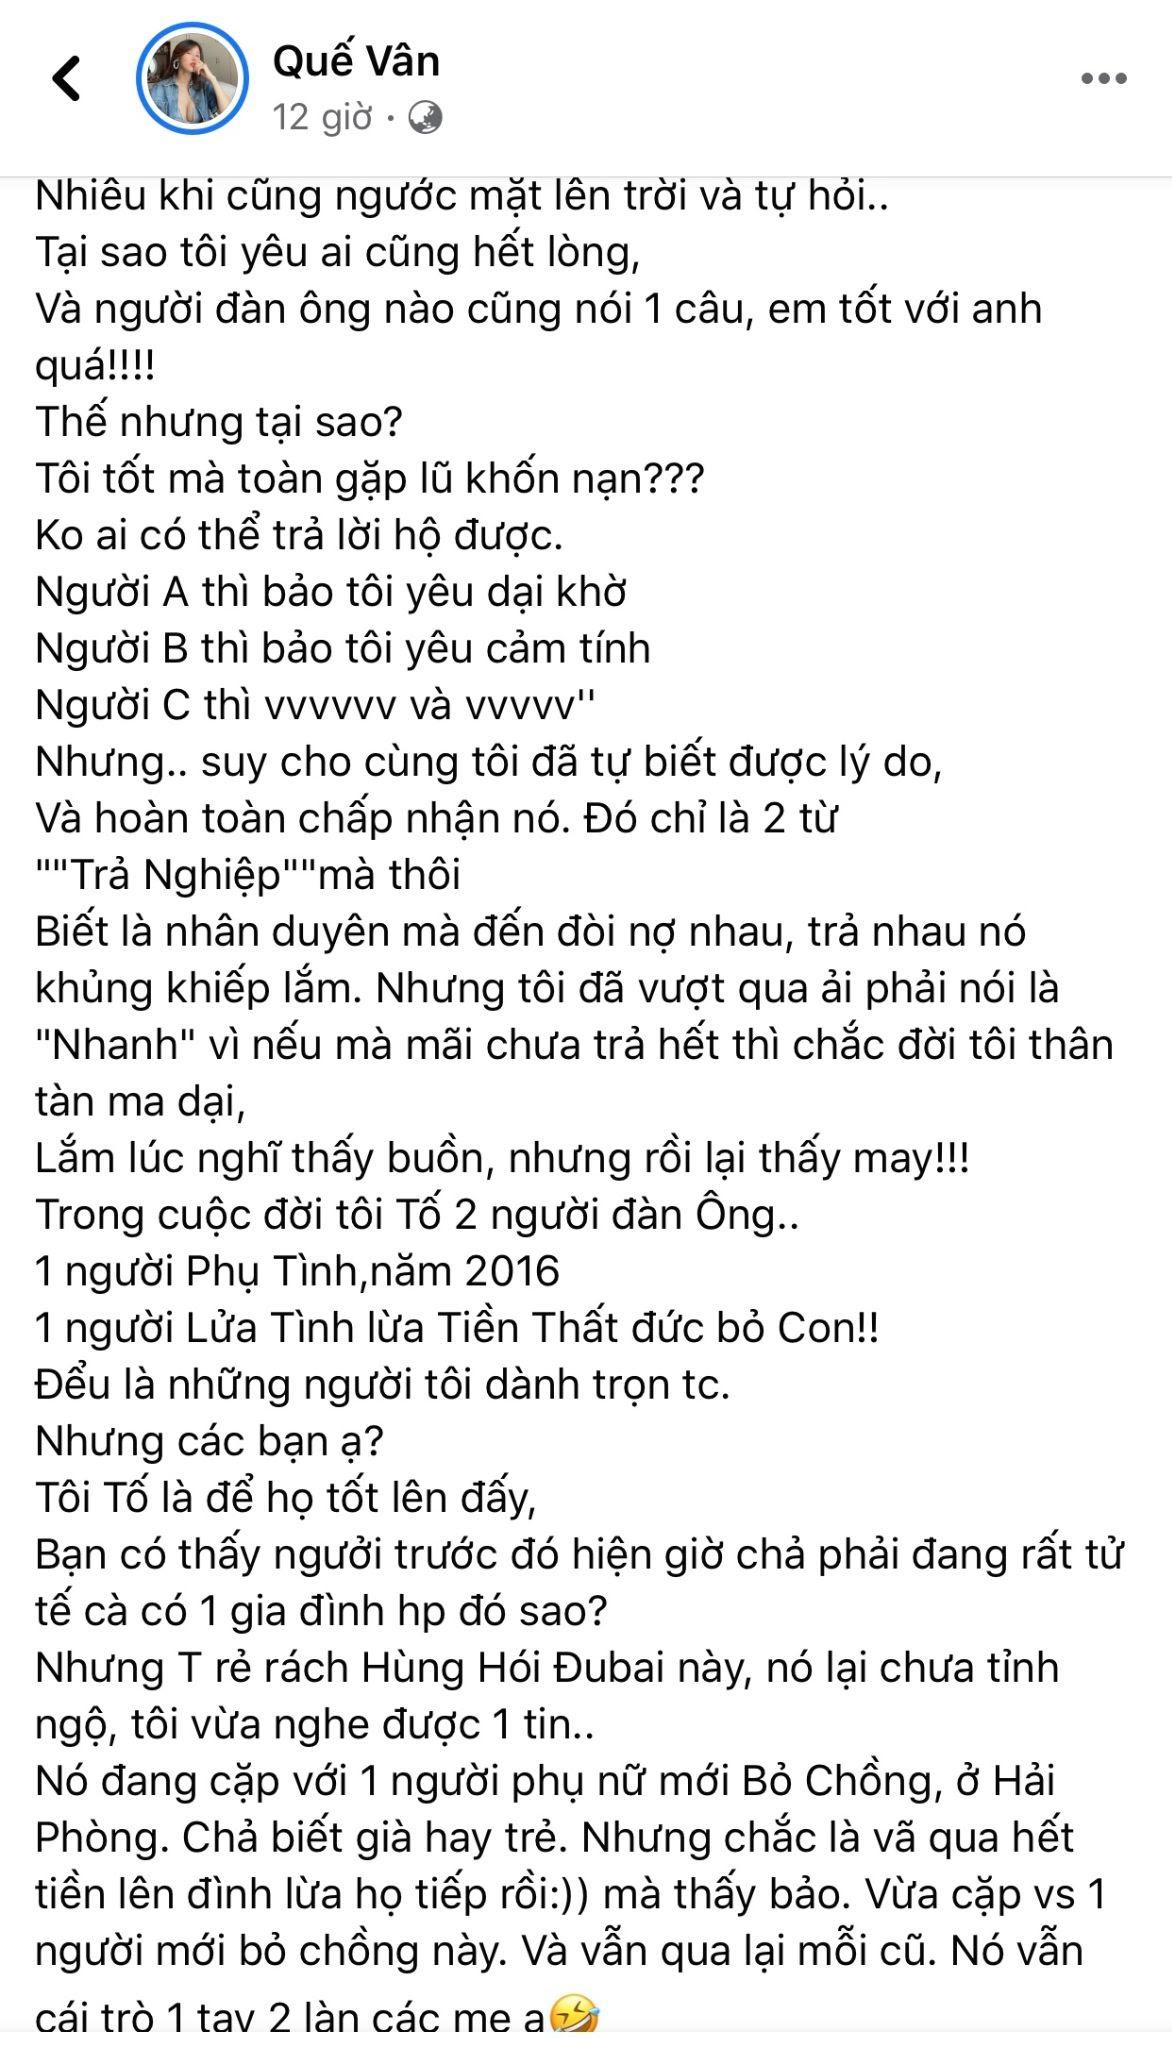 Sau 5 năm Quế Vân nhắc lại drama tình ái với Trường Giang, kèm cả tin nhắn em tốt quá, đừng bỏ rơi anh - Ảnh 2.